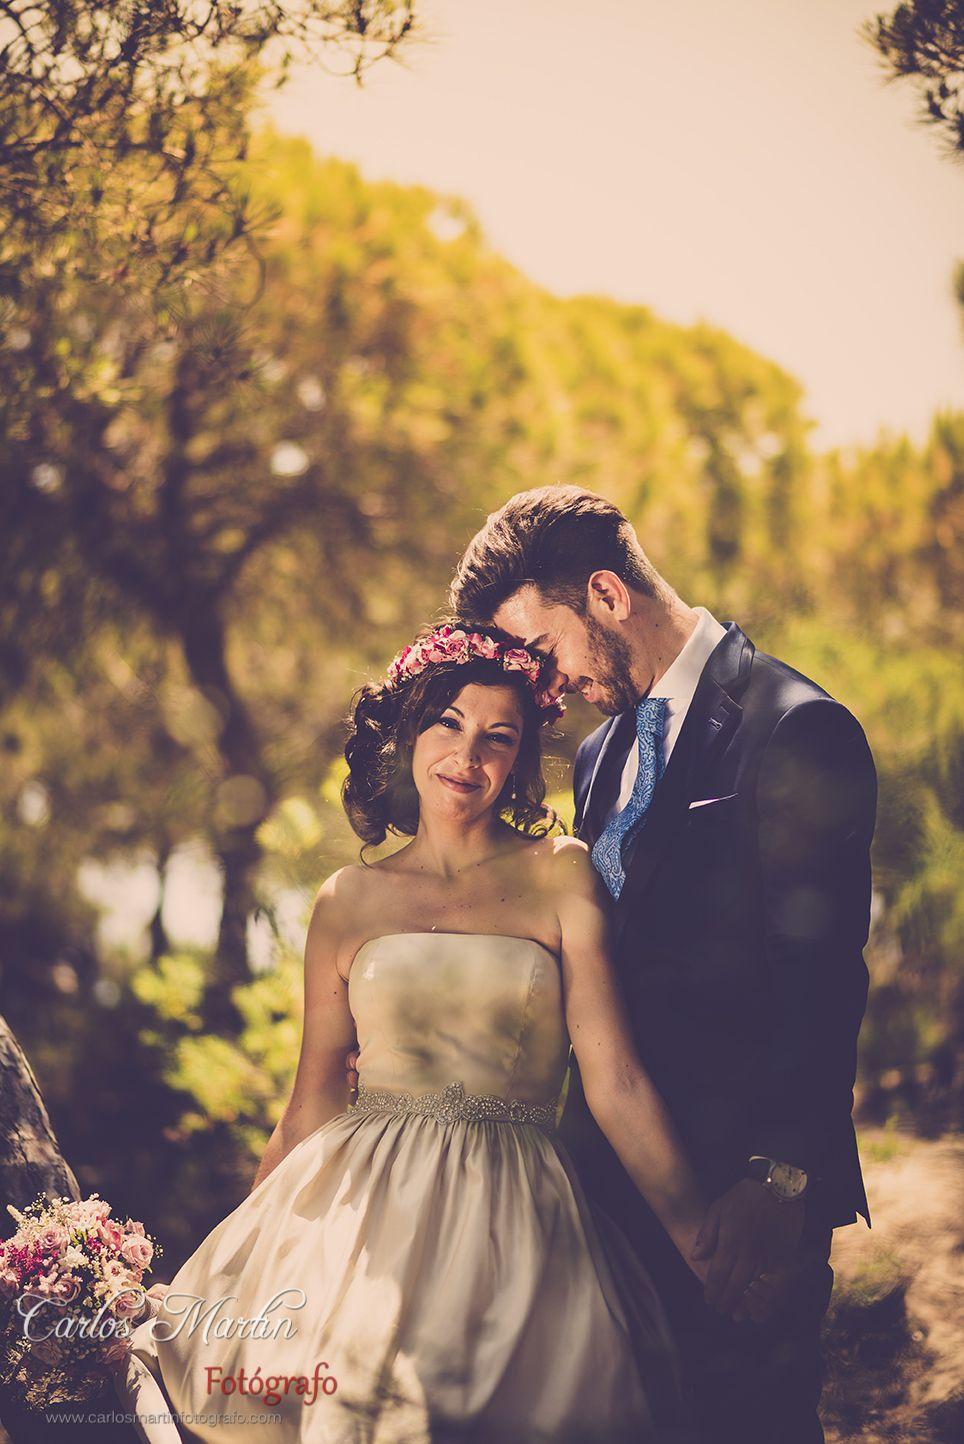 Boda Ana & Víctor | Carlos Martín Fotógrafo | Fotografos de Bodas en Huelva | Fotografos en Huelva | Fotografia de Boda